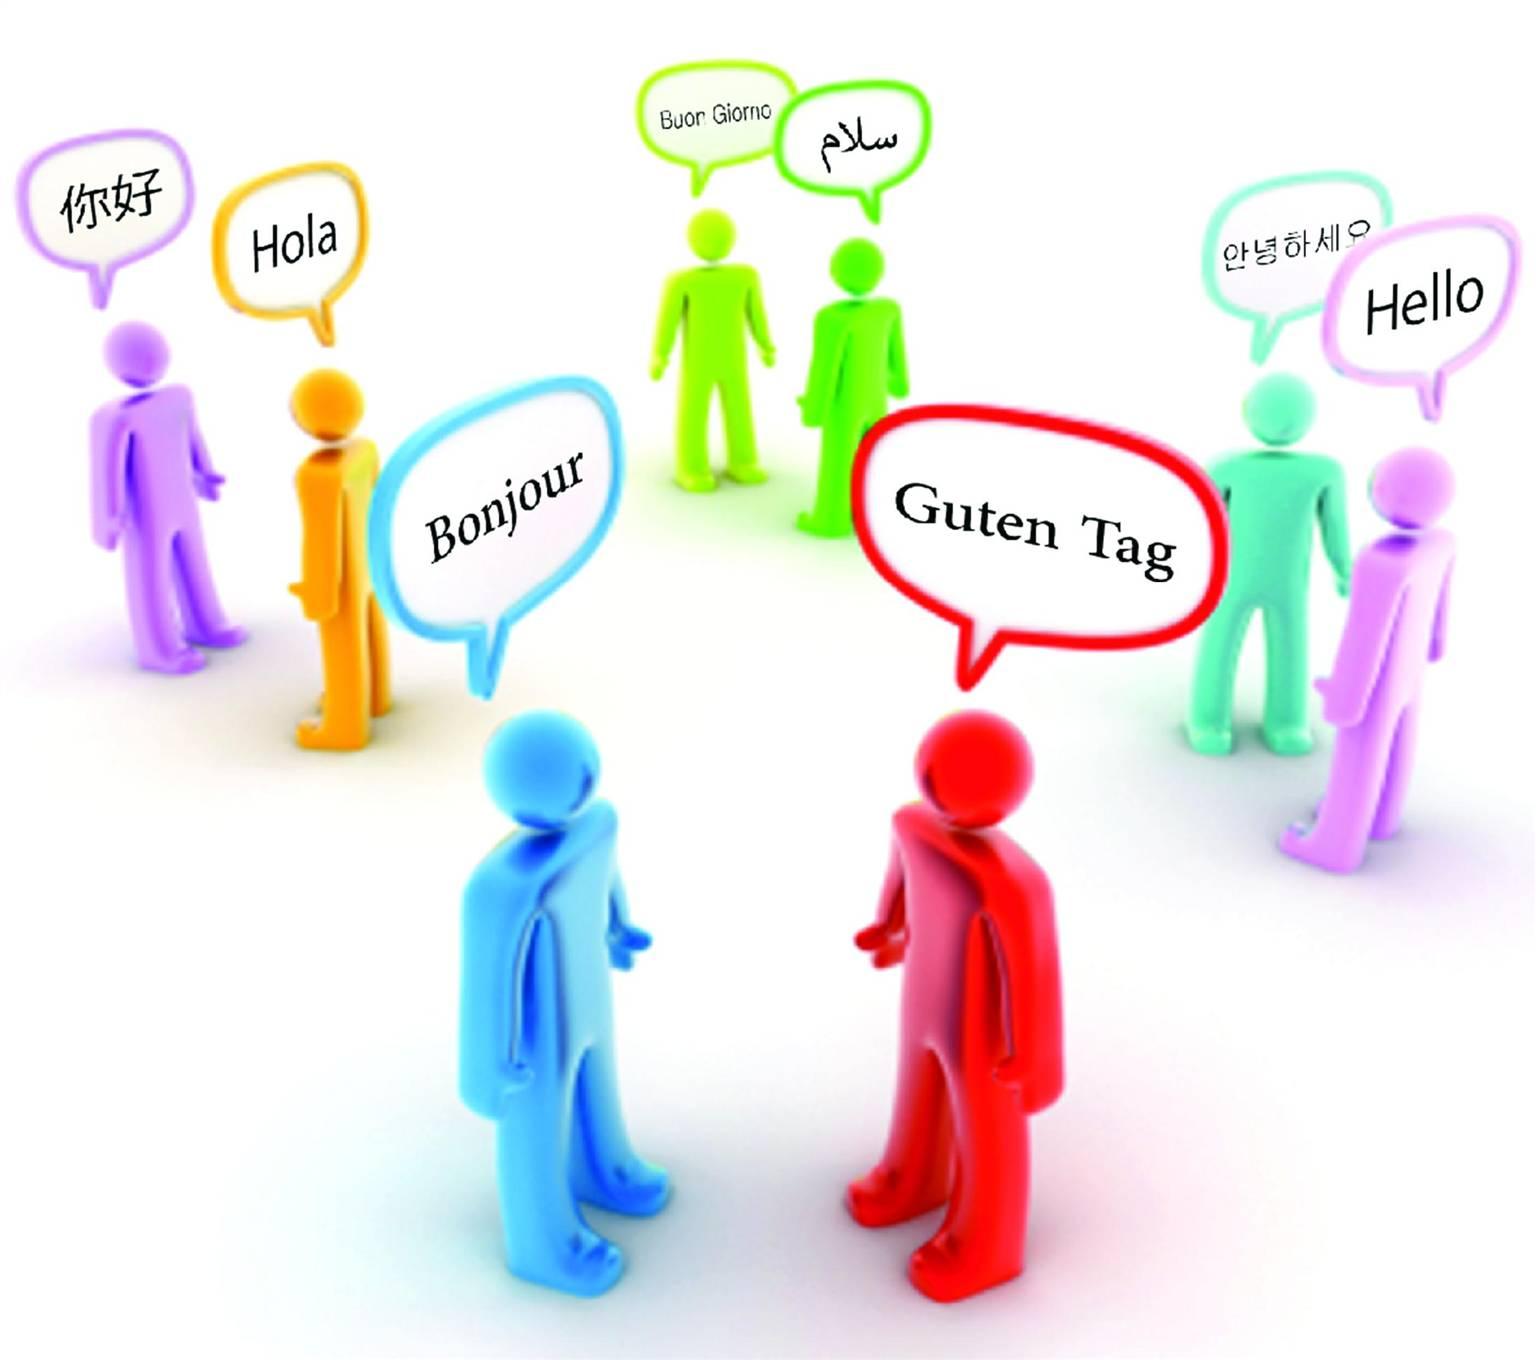 سلام باللغات المختلفة